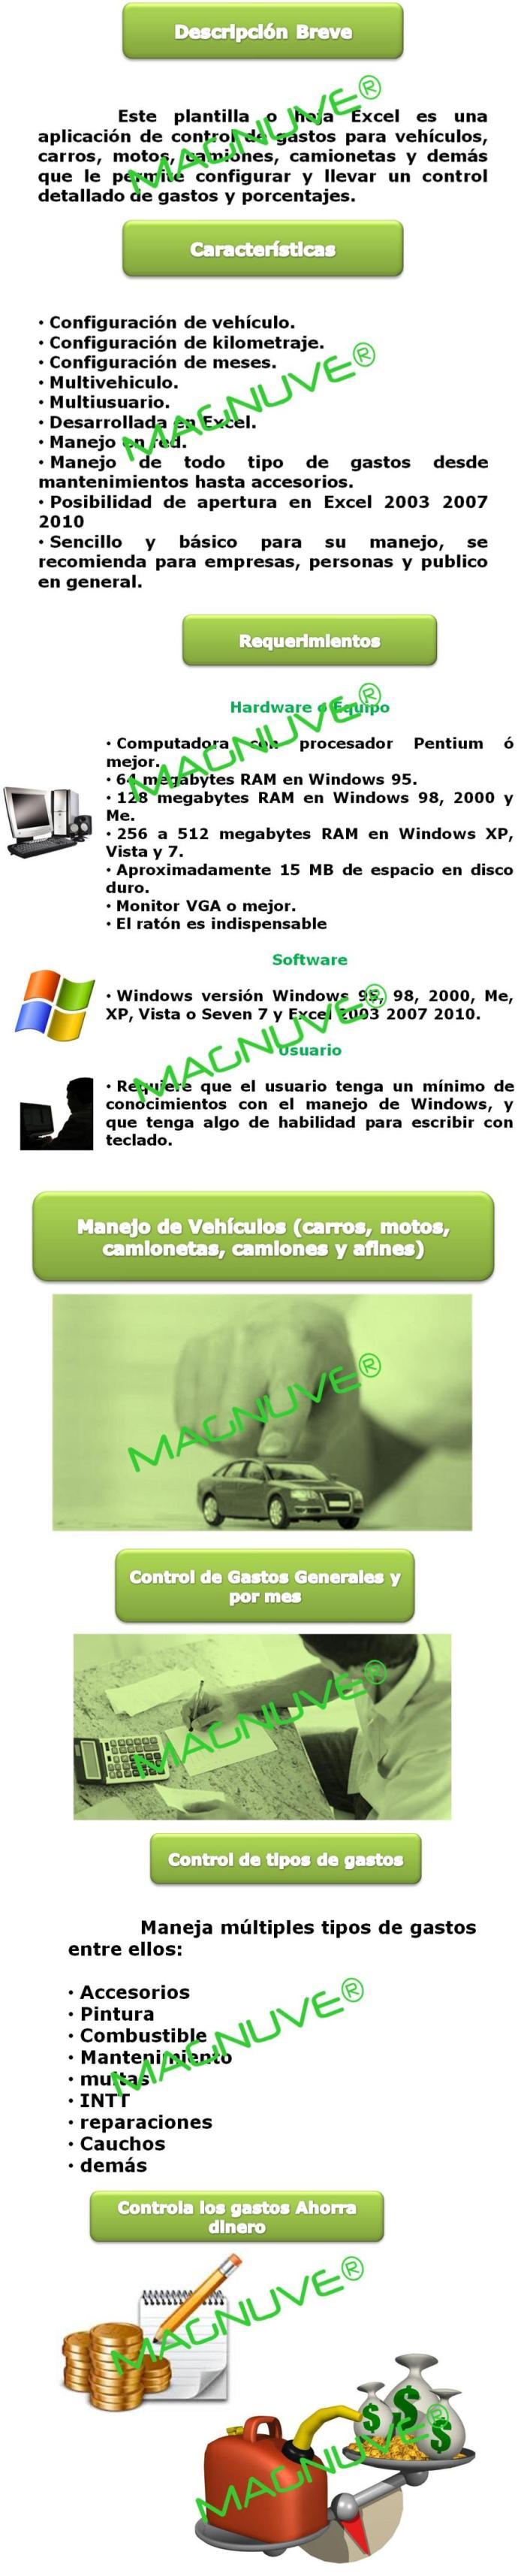 Plantilla Hoja Excel Control Gastos Vehículos Carros Motos